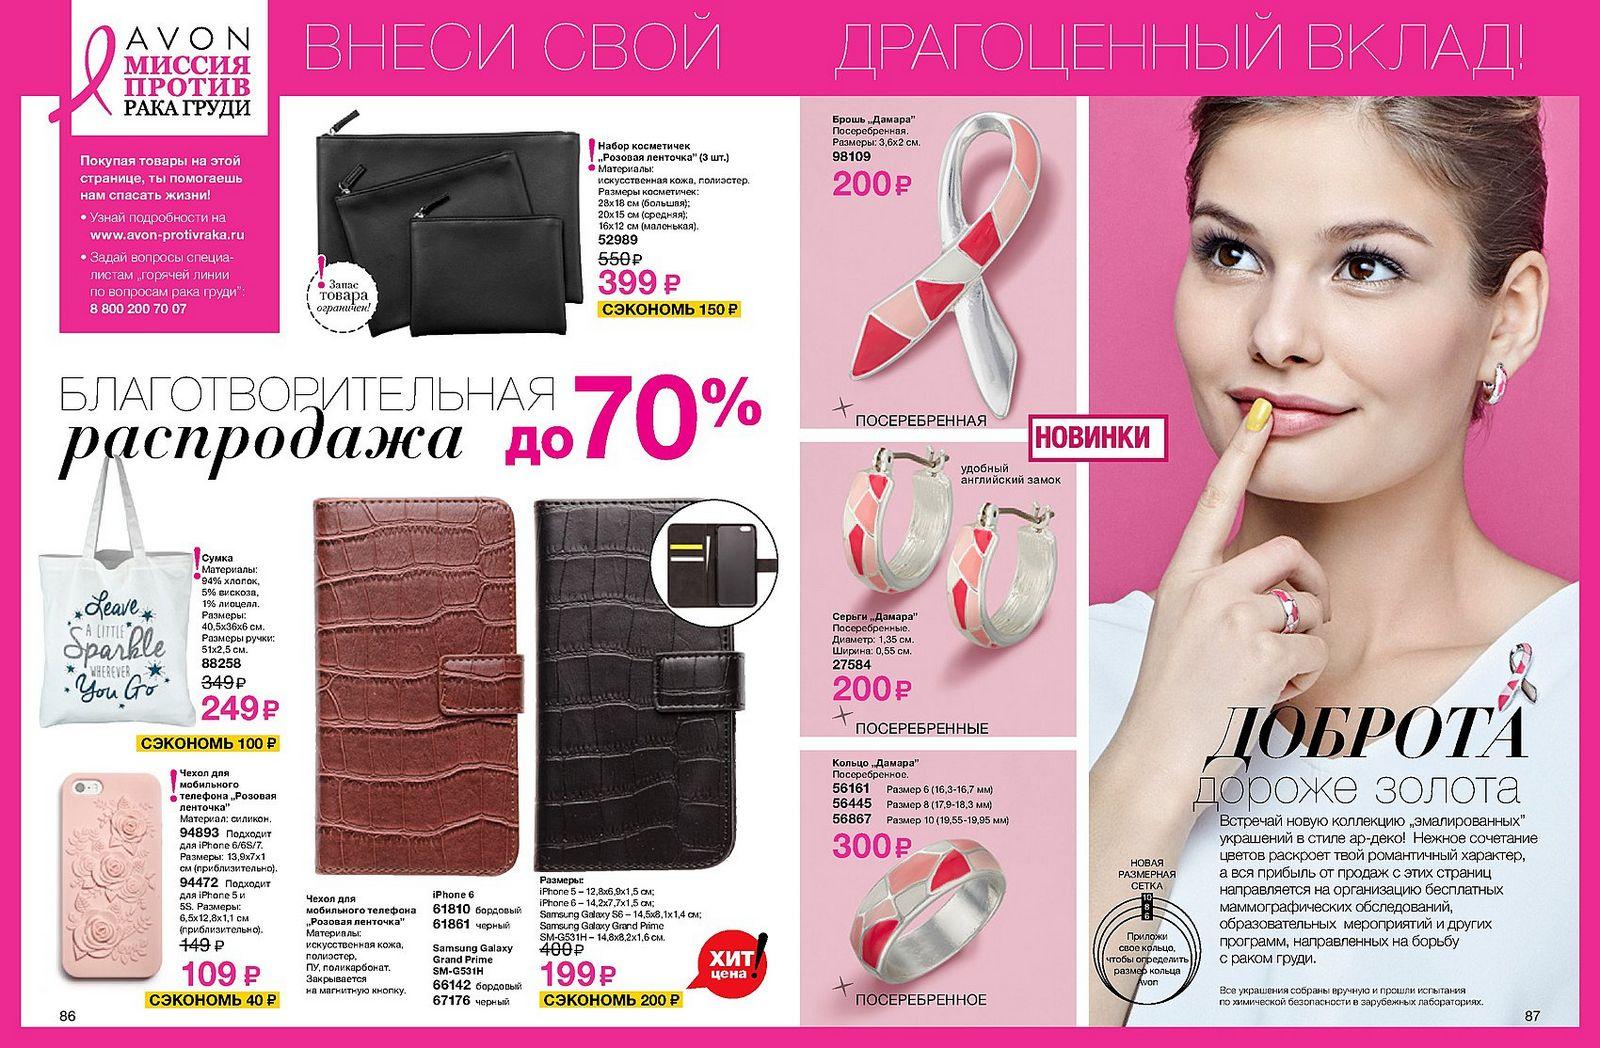 My avon magazin купить кейс для косметики розовый